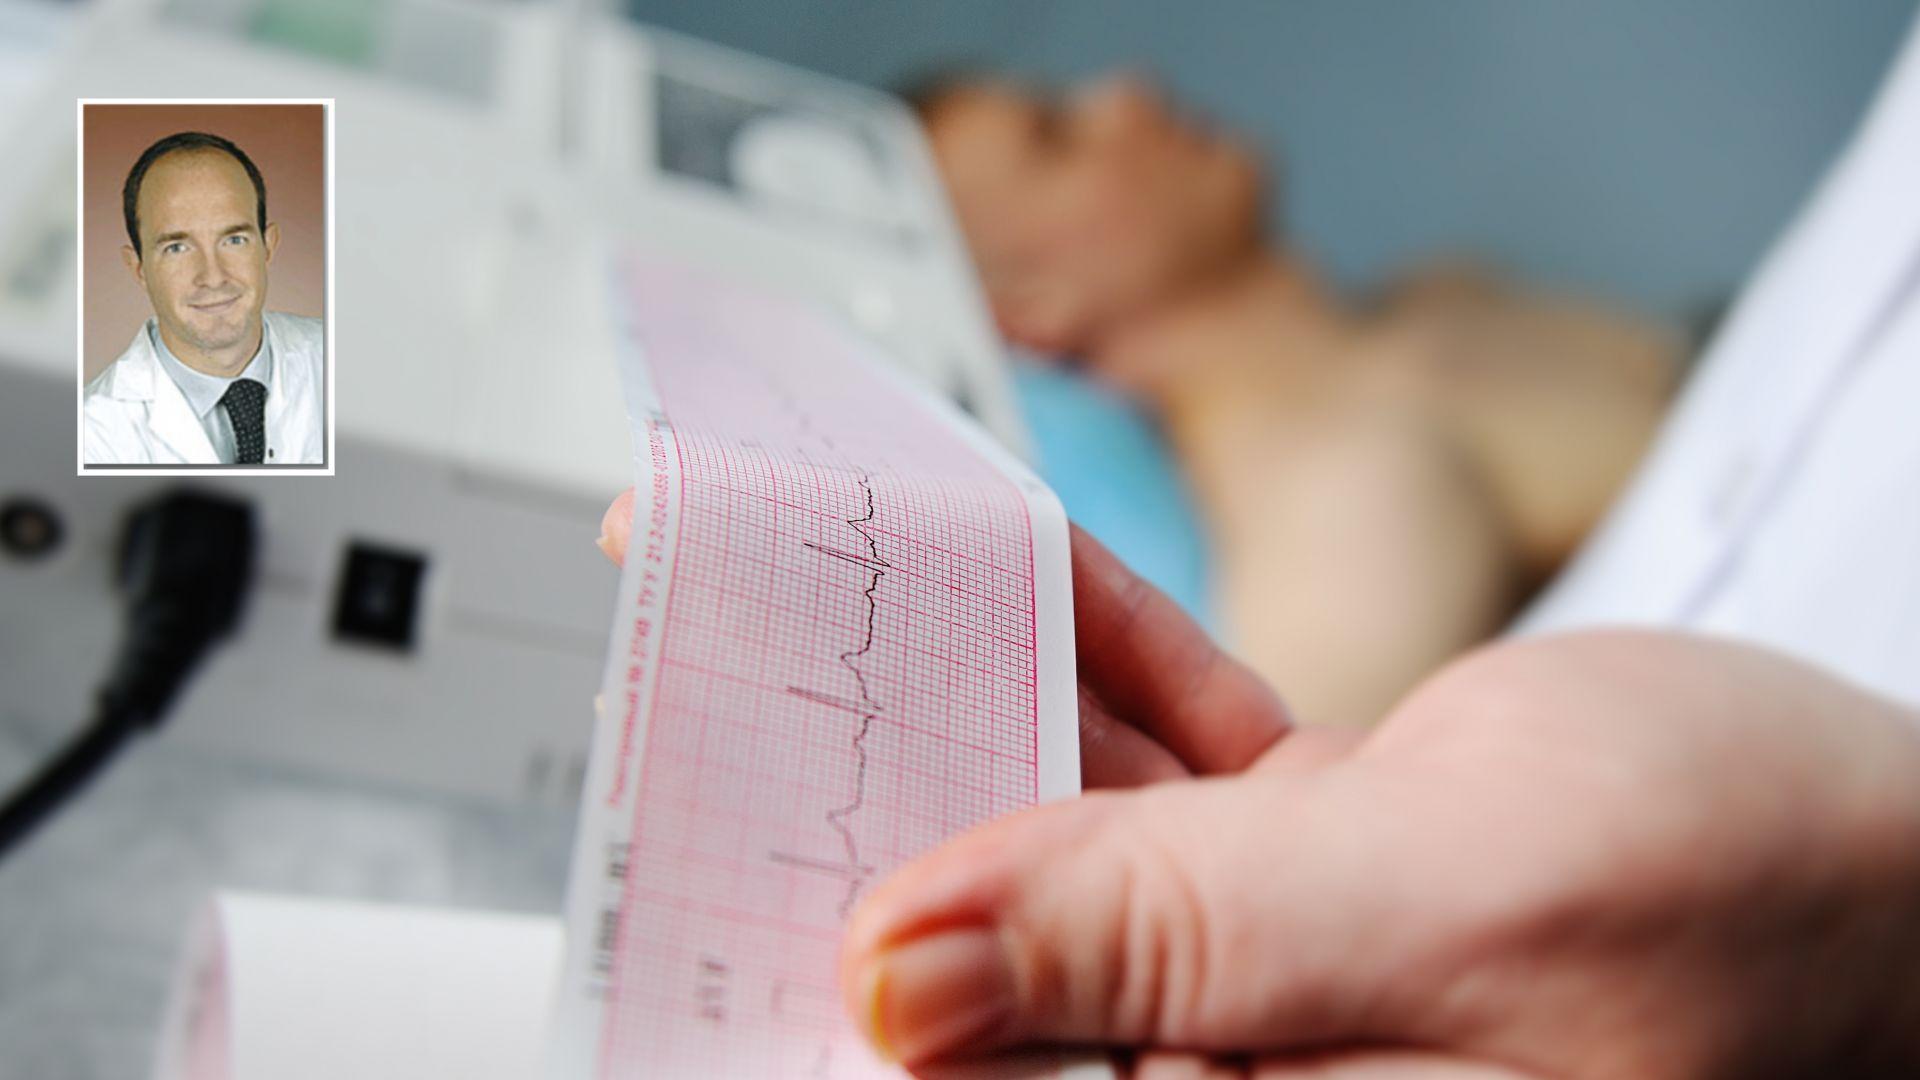 Проф. д-р Мартин Шилингер е специалист по вътрешна медицина, кардиология